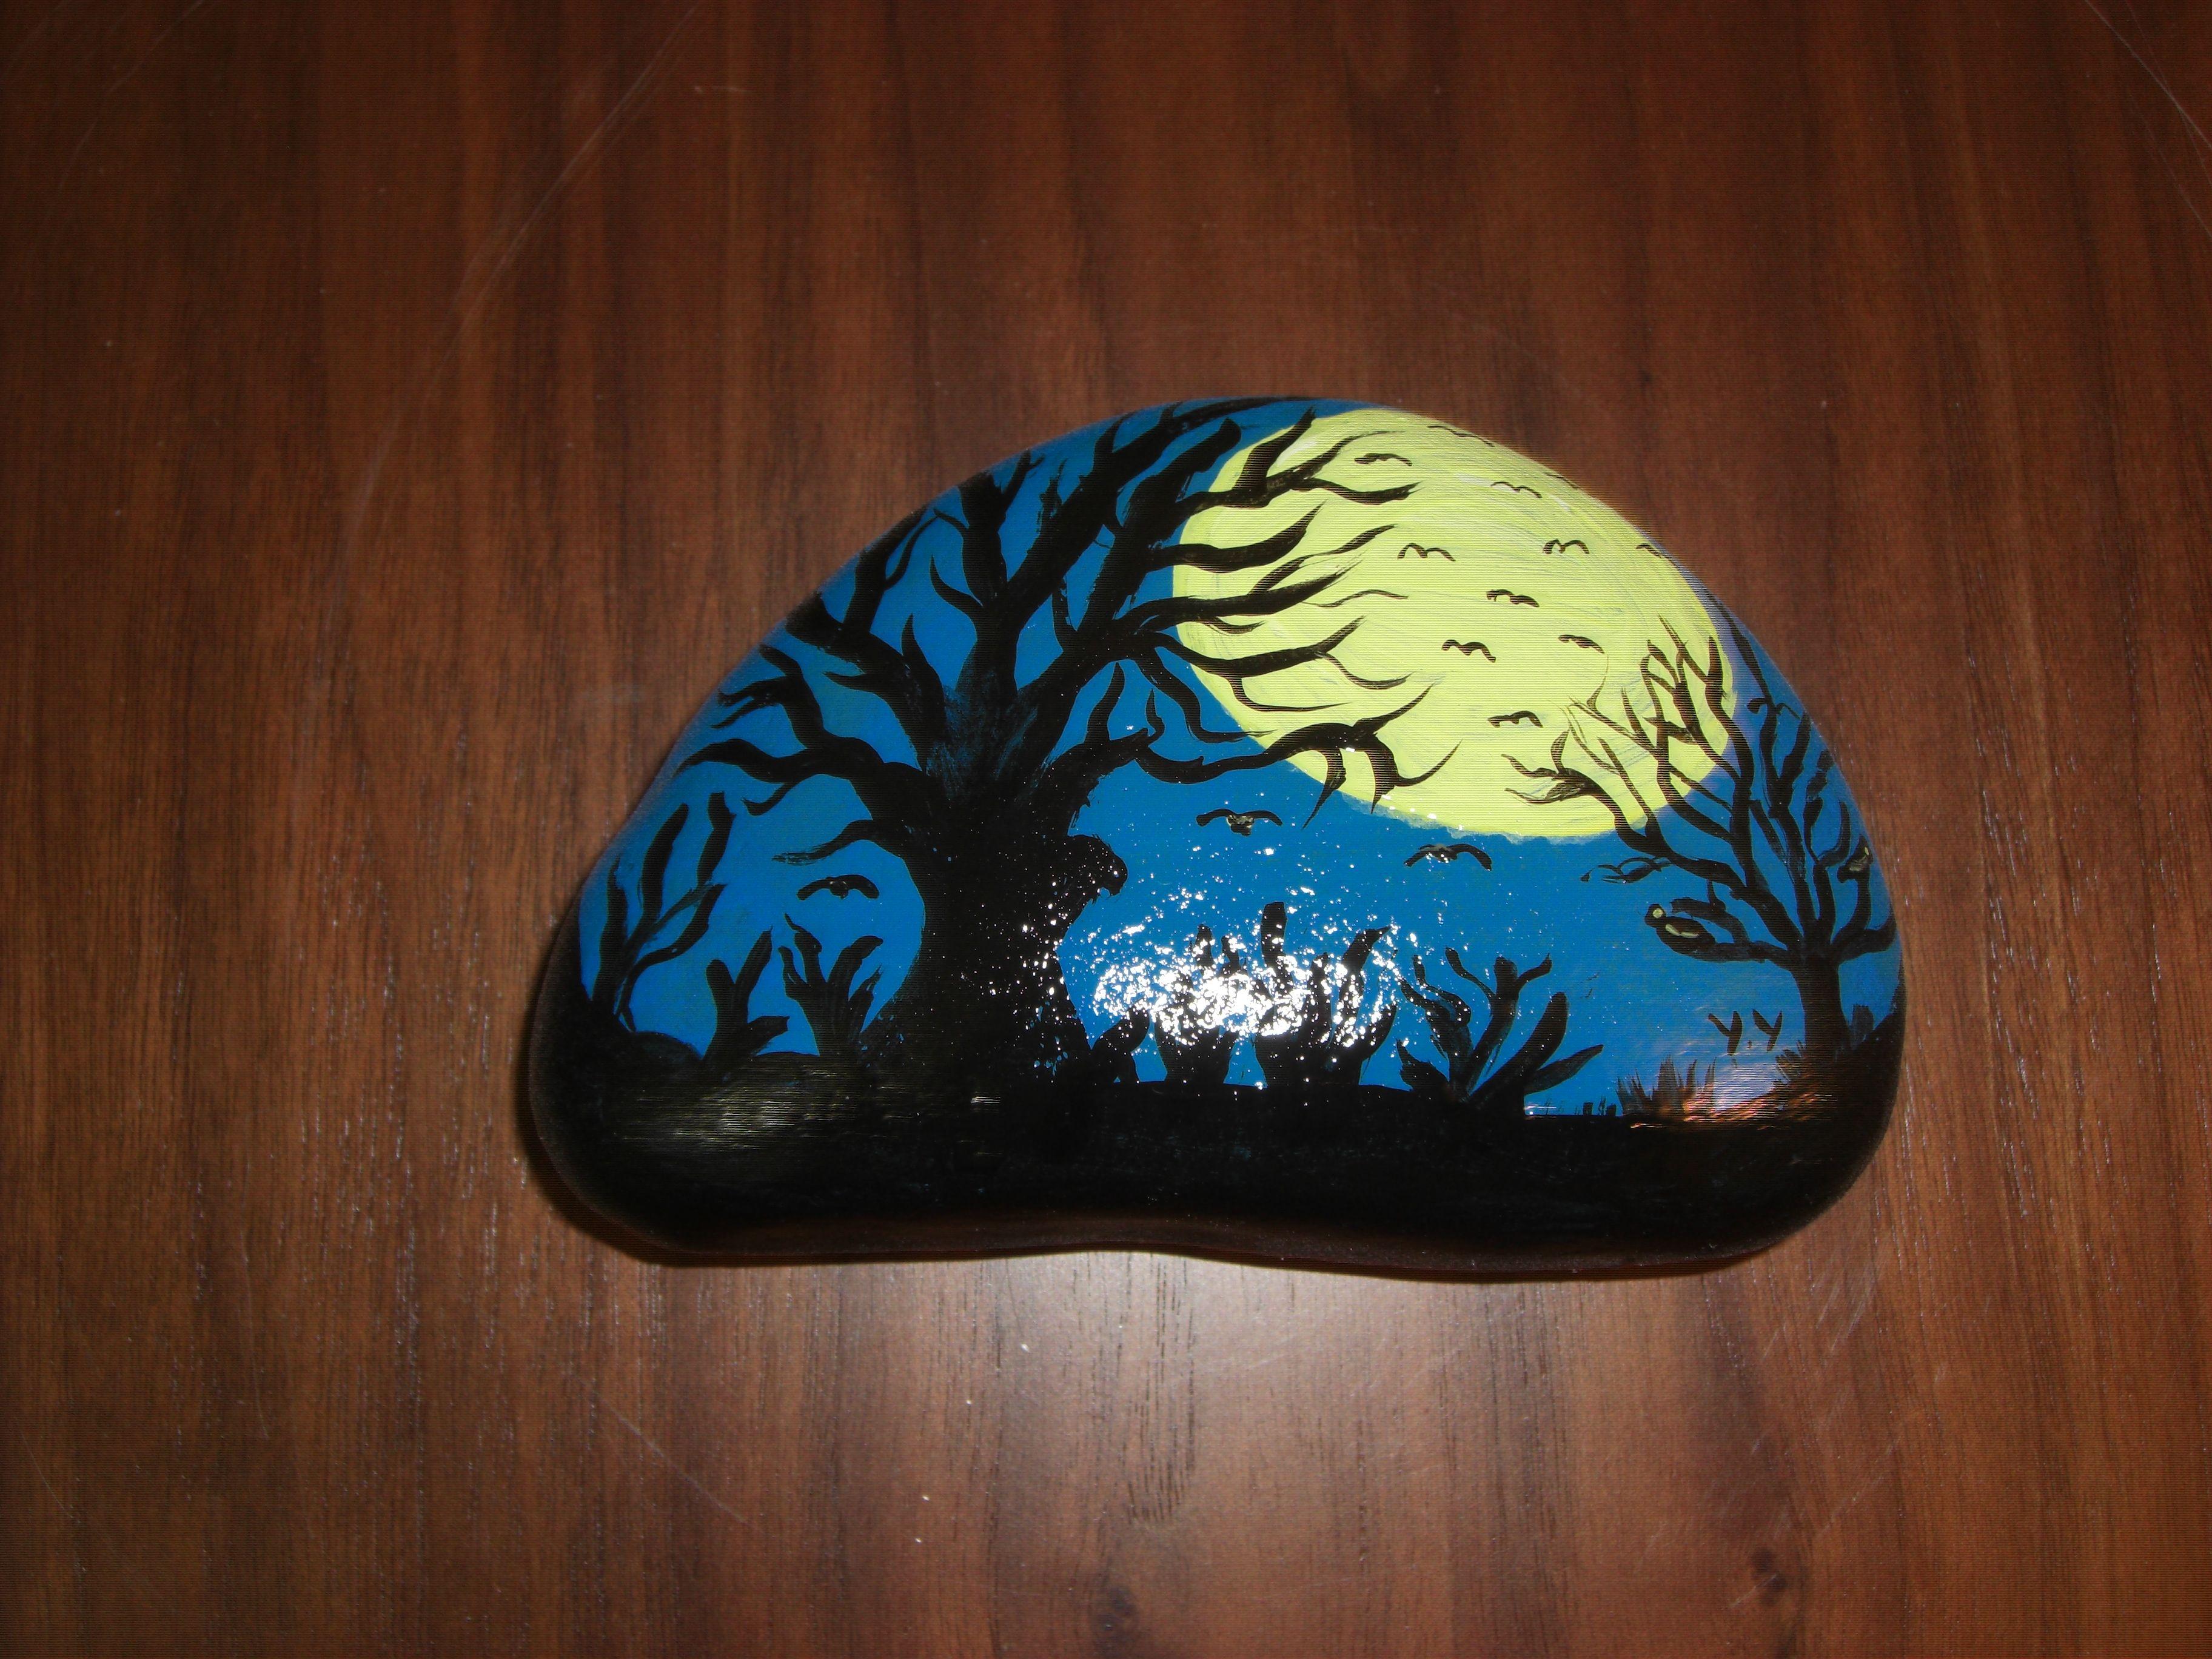 Tas Uzeri Boyama Yasemin Yilmazerli Sulu Boya Minyaturler Sanat